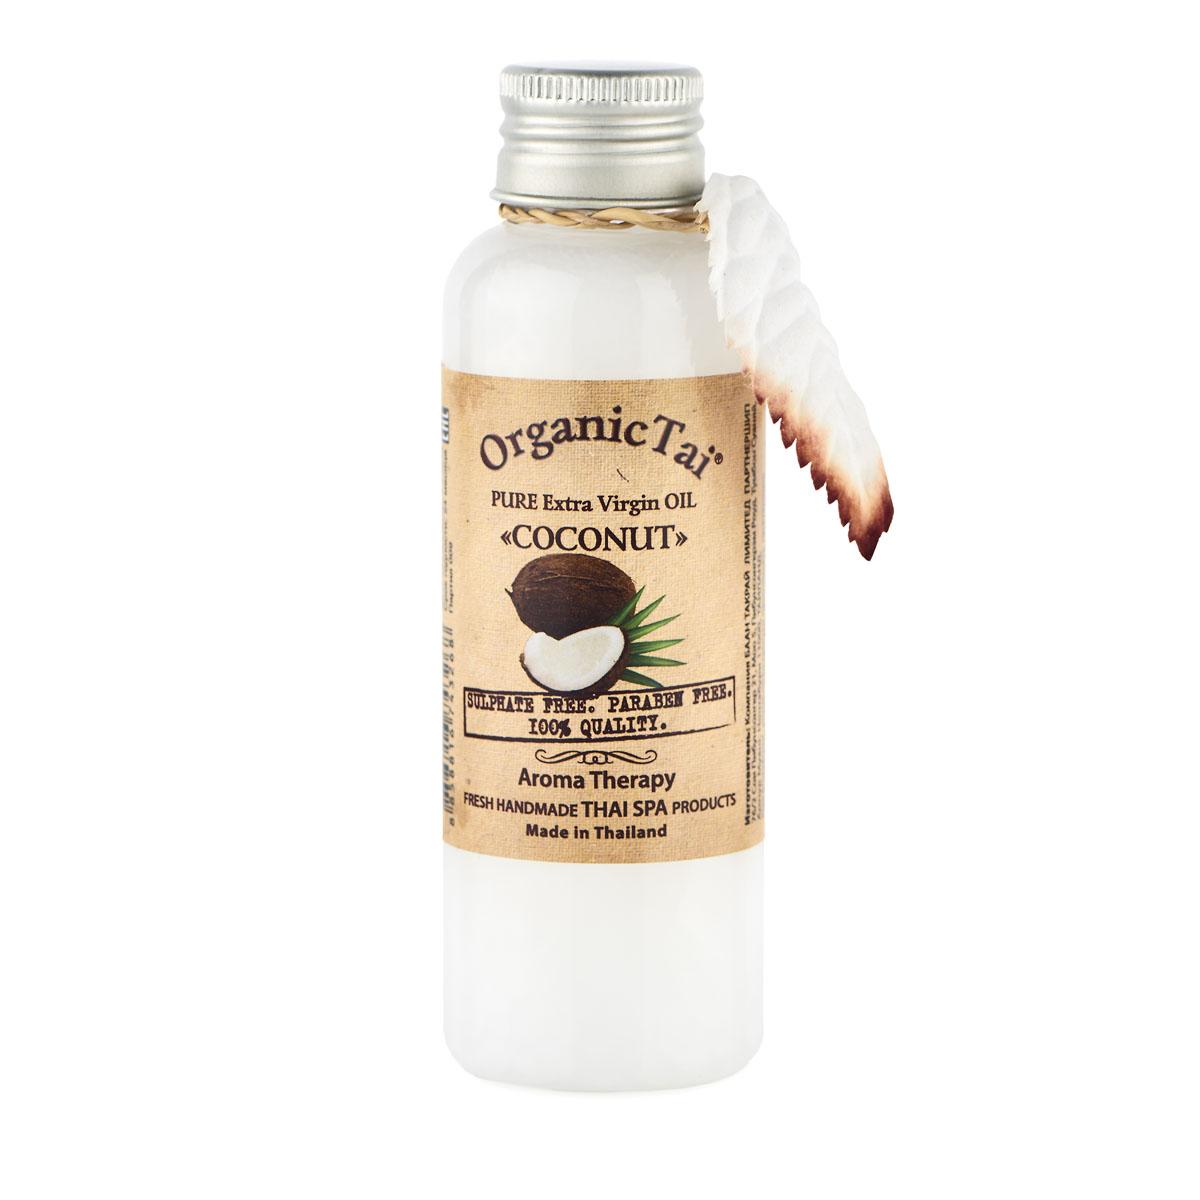 OrganicTai Чистое базовое масло КОКОСА холодного отжима, 120 мл8858816743268РУЧНАЯ РАБОТА. ТАЙСКИЙ SPA. АРОМАТЕРАПИЯ. Мастера тайского массажа применяют это масло с давних времен. Идеально подходит для основного ухода за кожей, волосами и для массажа. Волосы укрепляет и питает, придавая им естественный блеск и шелковистость. Служит отличным закрепляющим средством для окрашенных волос, является активным антиоксидантом, предотвращающим преждевременное старение кожи. КОКОСОВОЕ масло — это природный УФ-фильтр, защищает кожу и волосы от интенсивного ультрафиолетового излучения, позволяет избежать солнечных ожогов и получить равномерный красивый загар на долгое время. Массаж способствует более активному проникновению незаменимых полиненасыщенных жирных кислот КОКОСОВОГО МАСЛА в глубокие слои кожи, усиливая его питательные, защитные и омолаживающие свойства. Регулярное применение этого масла с легким приятным тропическим ароматом свежеразломленного кокоса подарит Вашей коже сияние молодостью и красотой. AromaTherapy FRESH HANDMADE THAI SPA PRODUCTS. SULPHATE FREE....